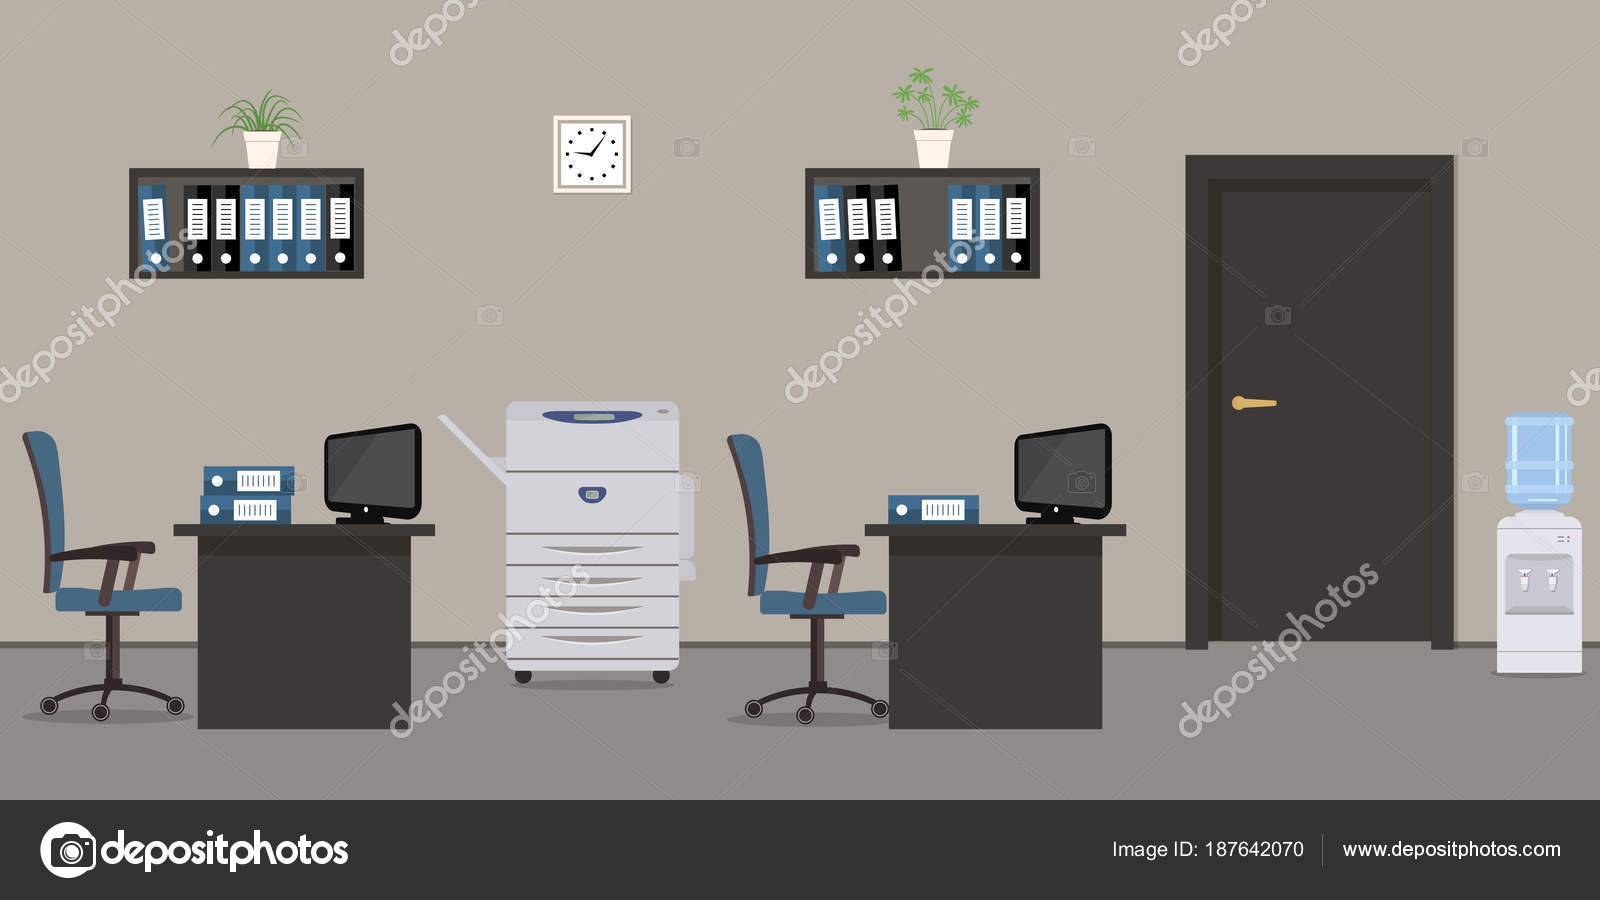 Scrivania Ufficio Grigio : Stanza dell ufficio colore grigio sono una scrivania nera sedie